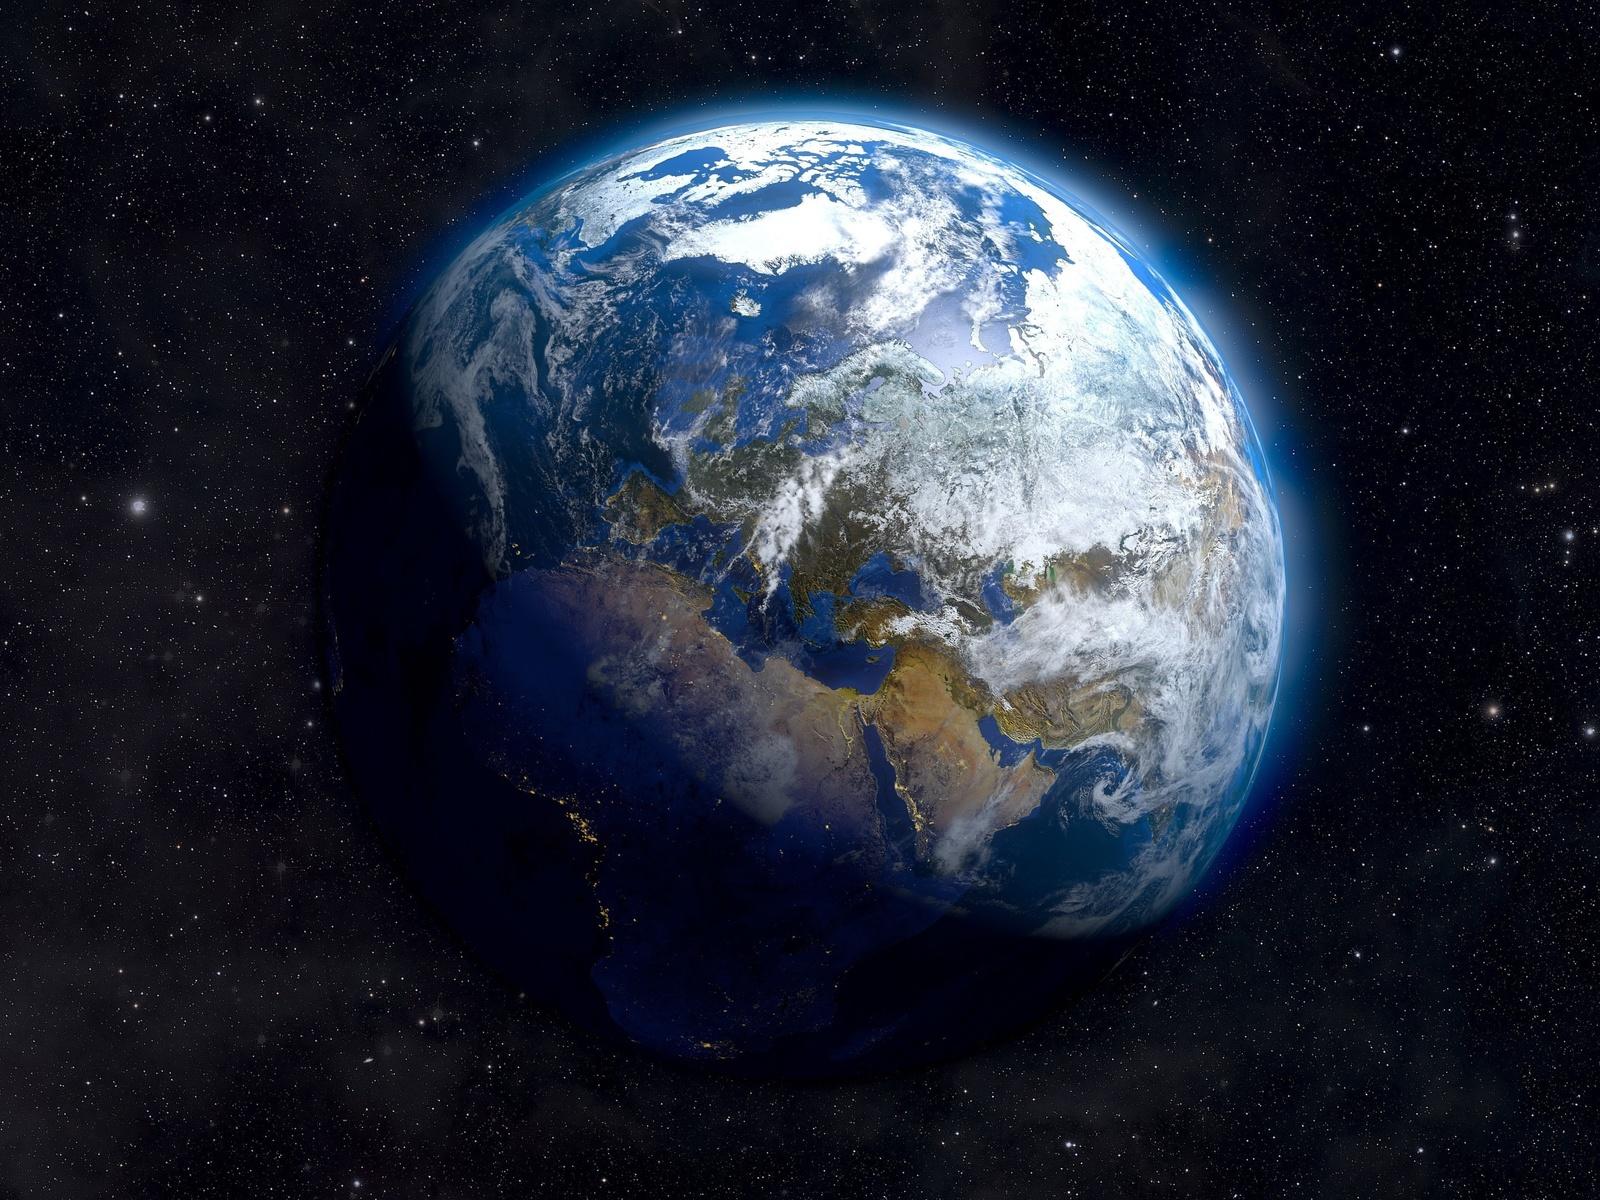 земля, космос, звёзды